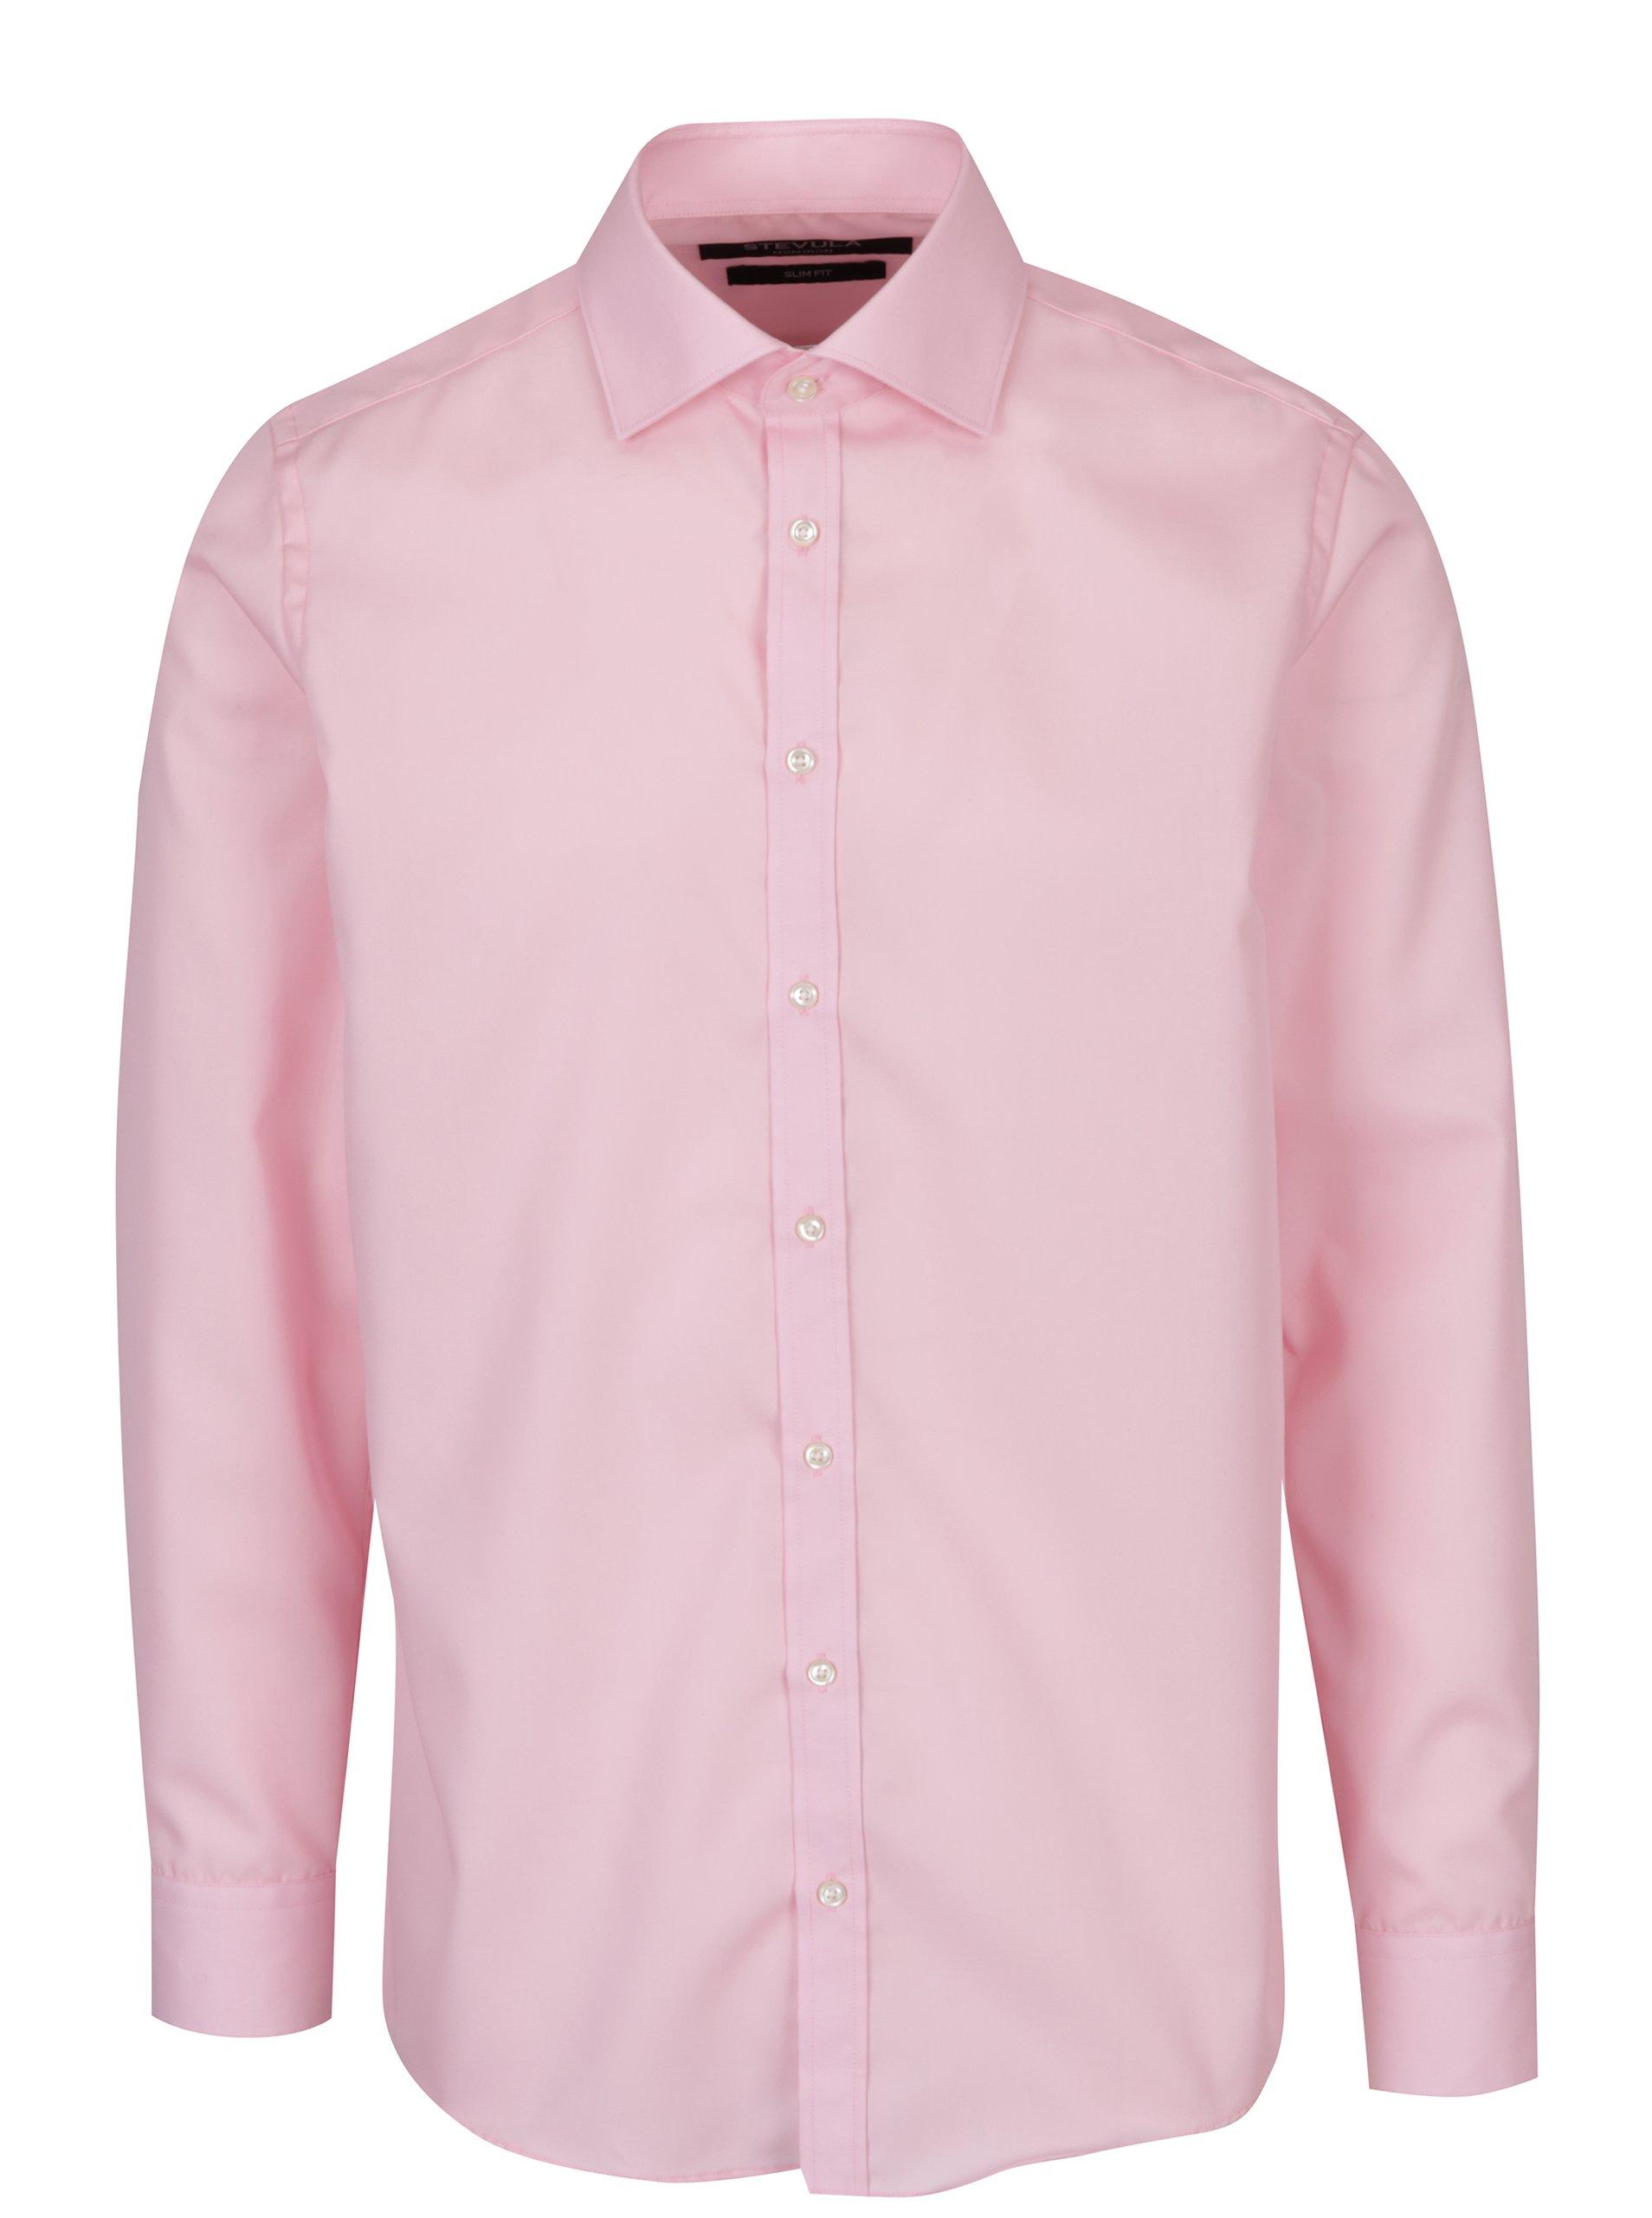 9cae40ae56f3 Světle růžová pánská formální slim fit košile STEVULA